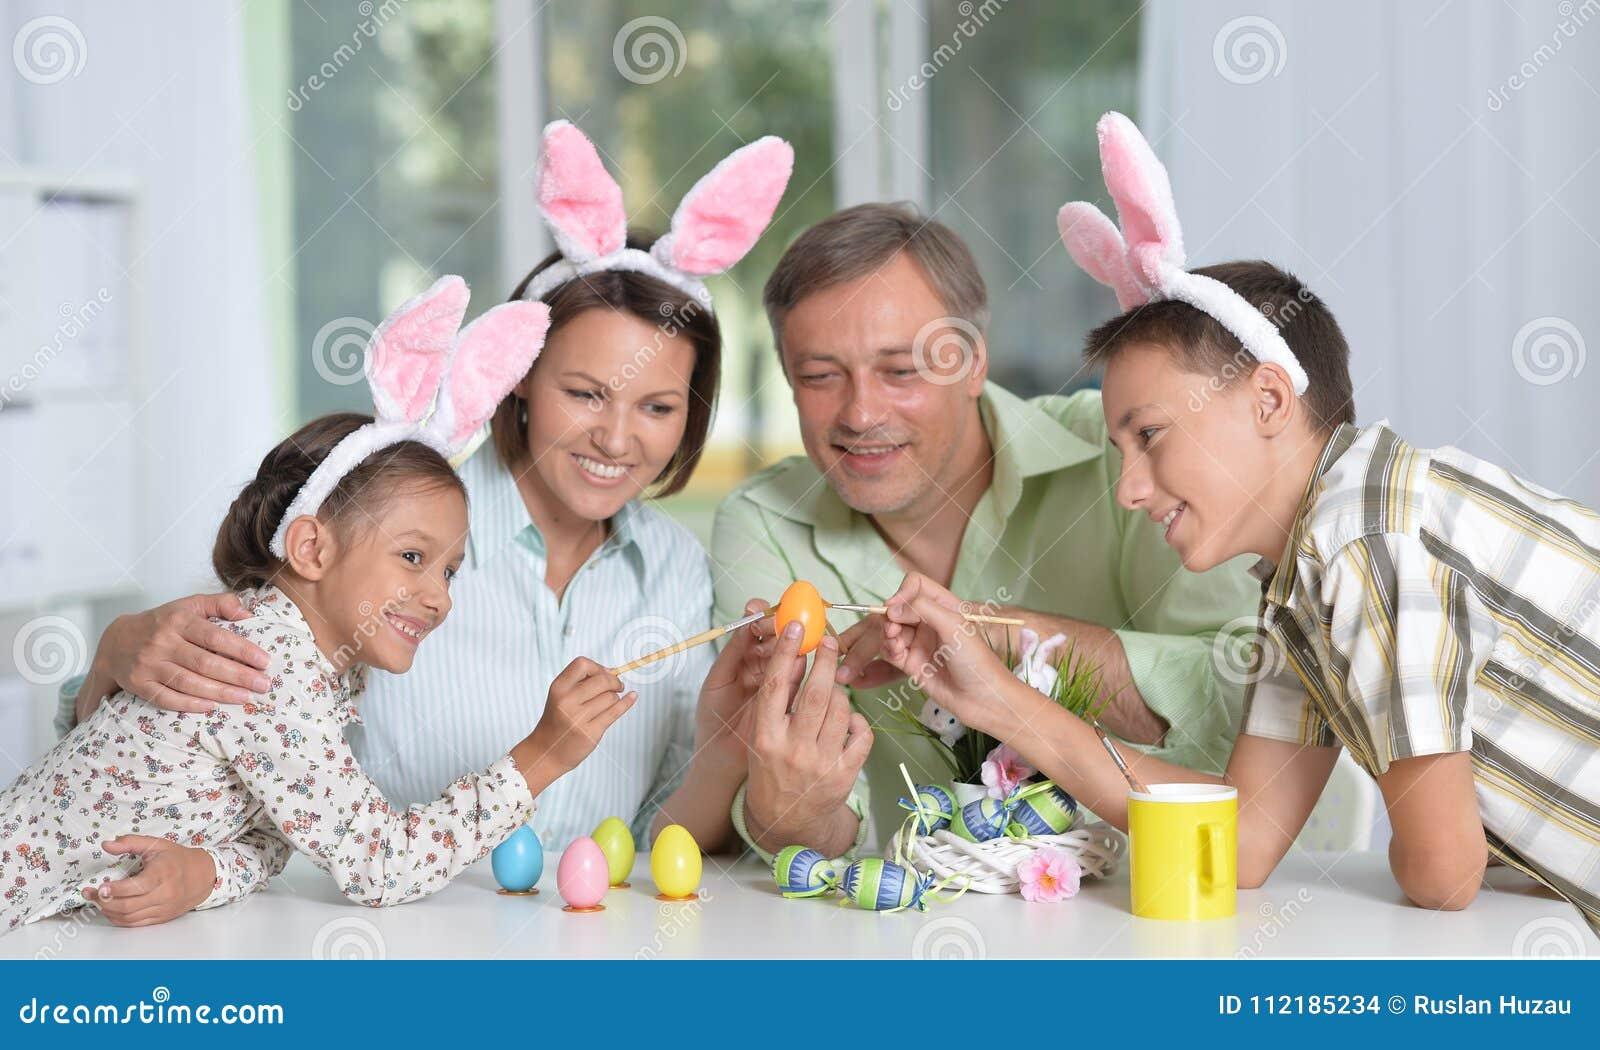 Девушка играет с его яйцами